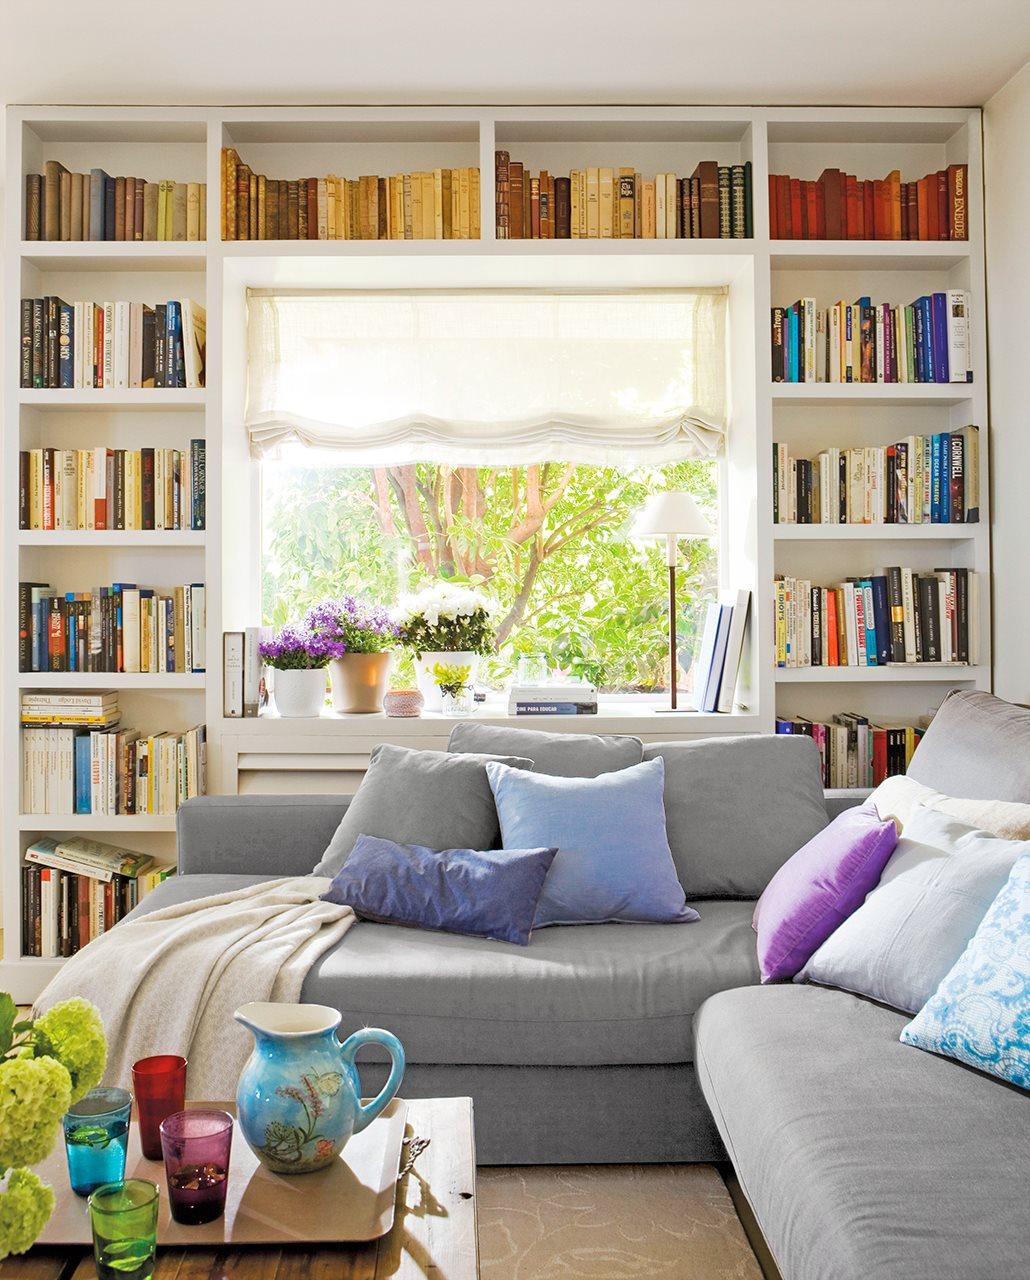 14 ideas para sacar sitio extra en casa - Librerias de pared ...